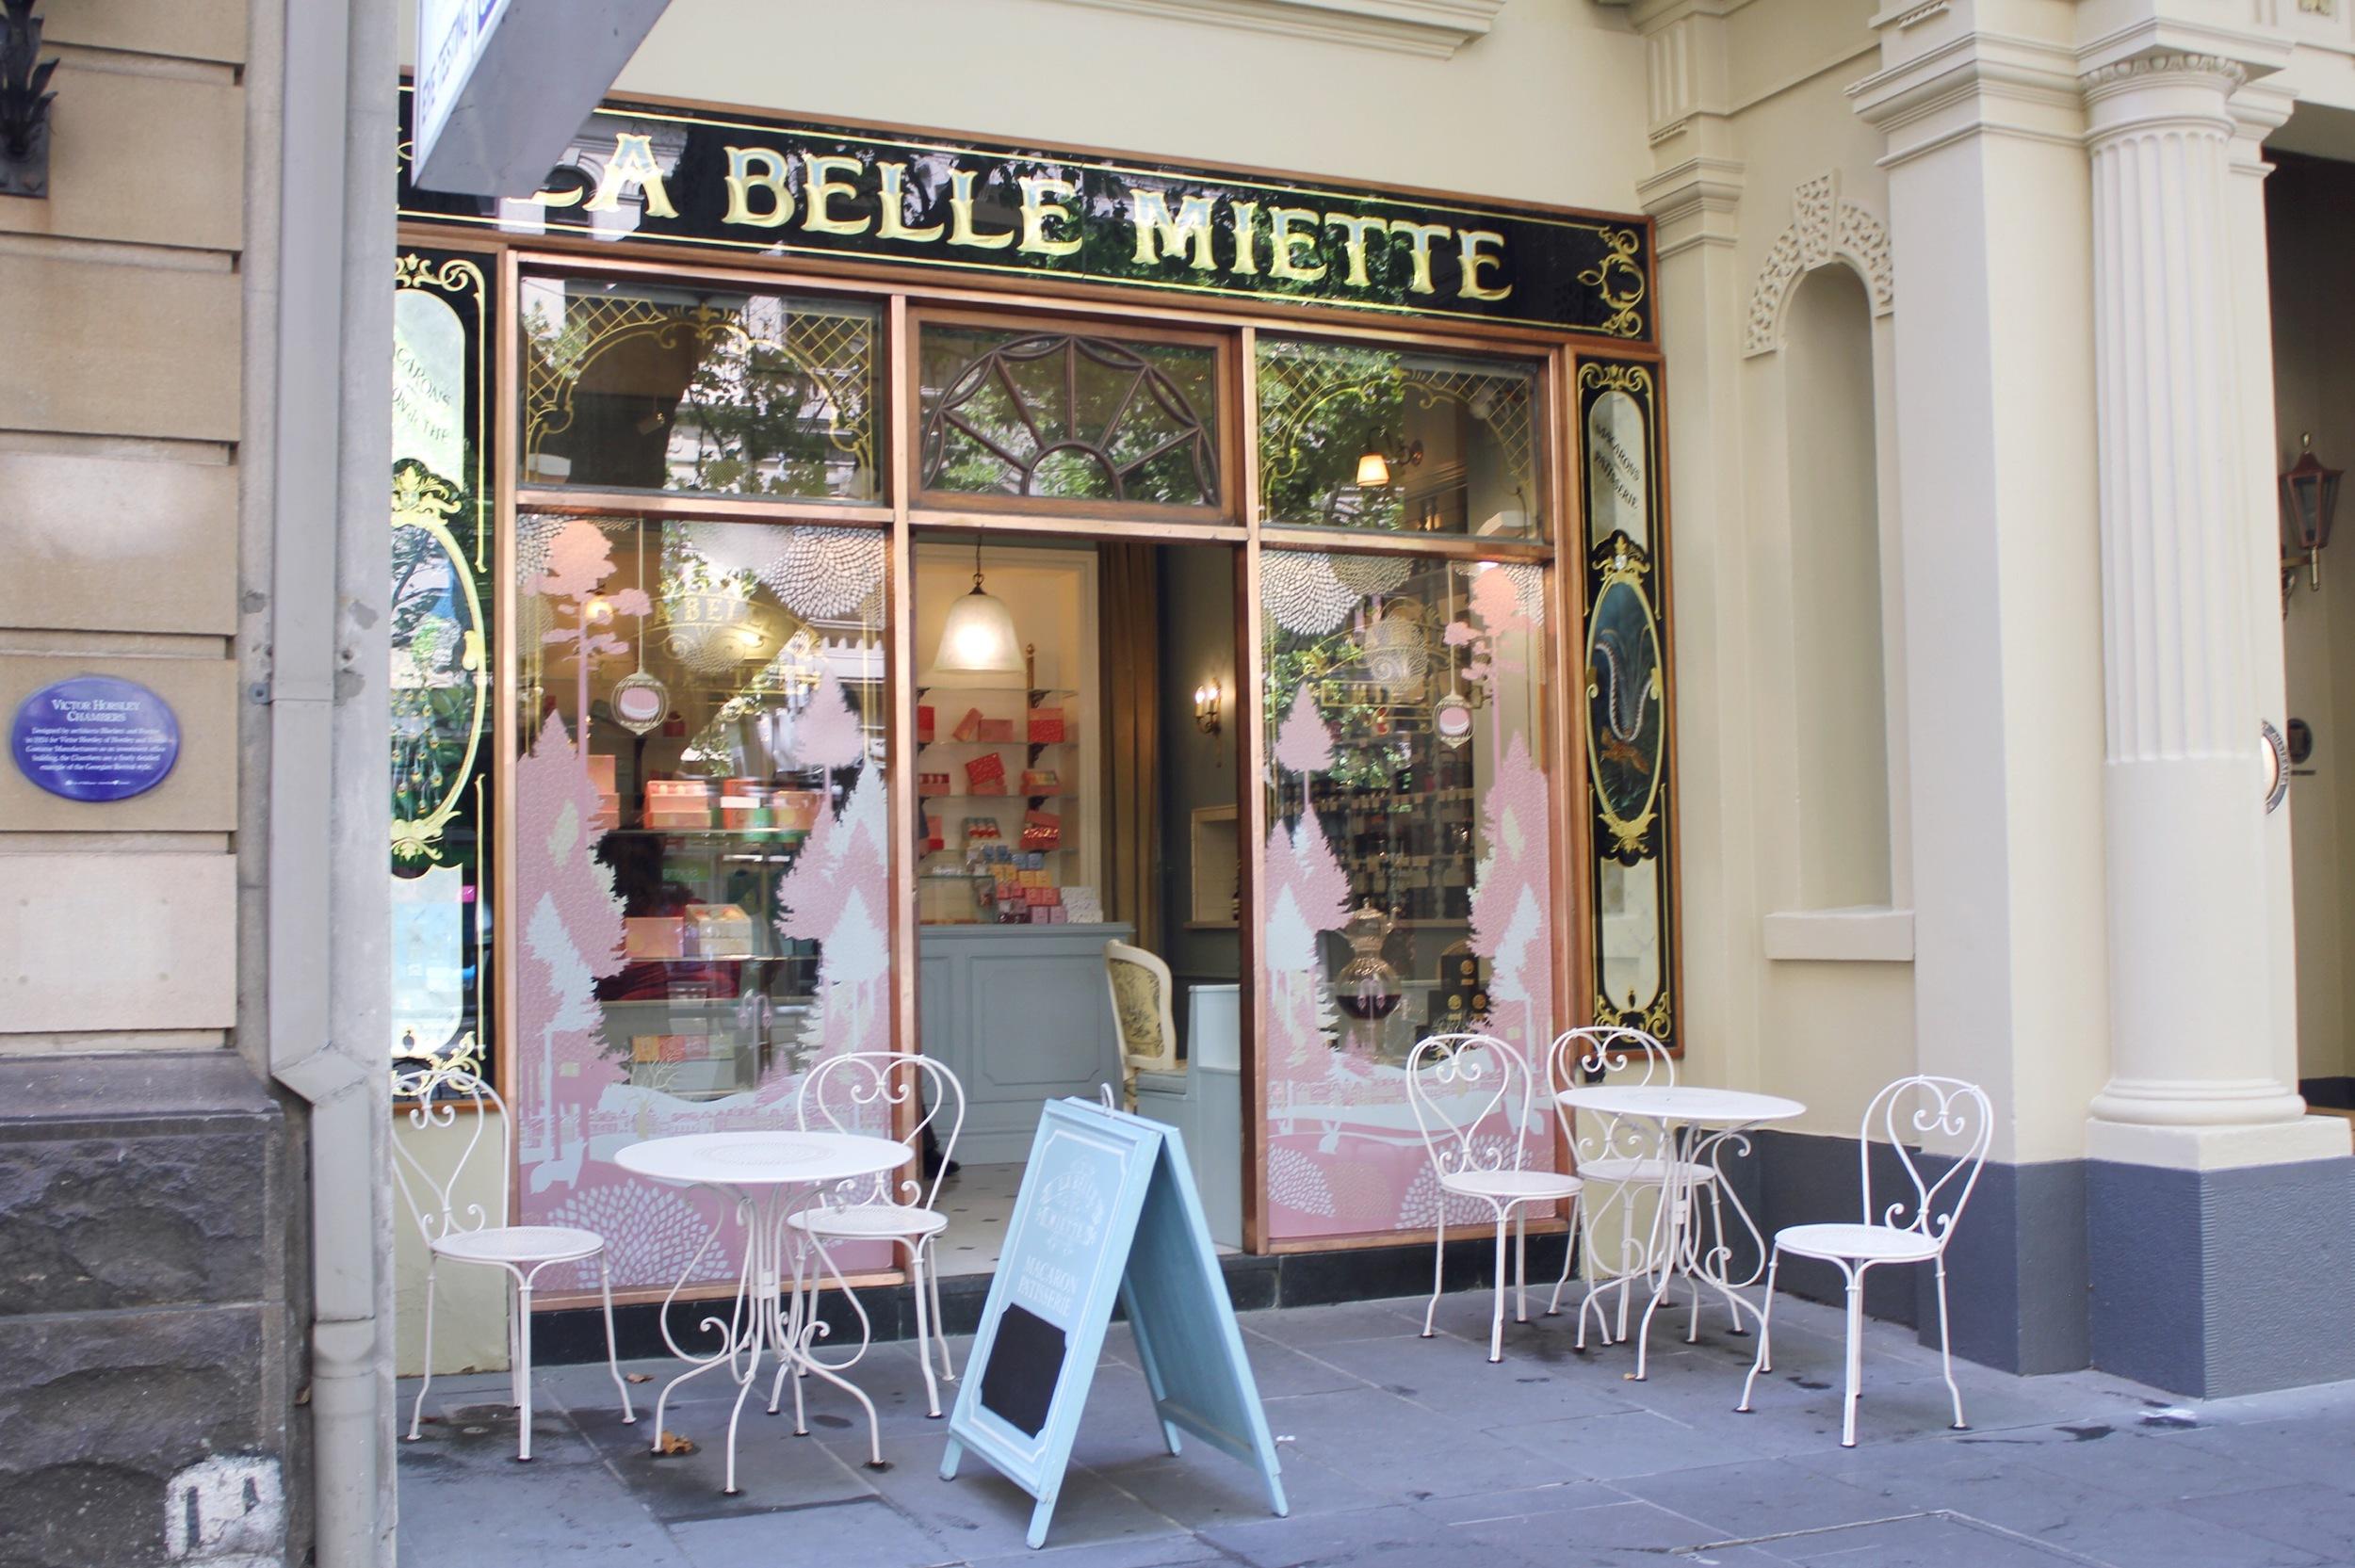 La Belle Miette, Collins Street, CBD.